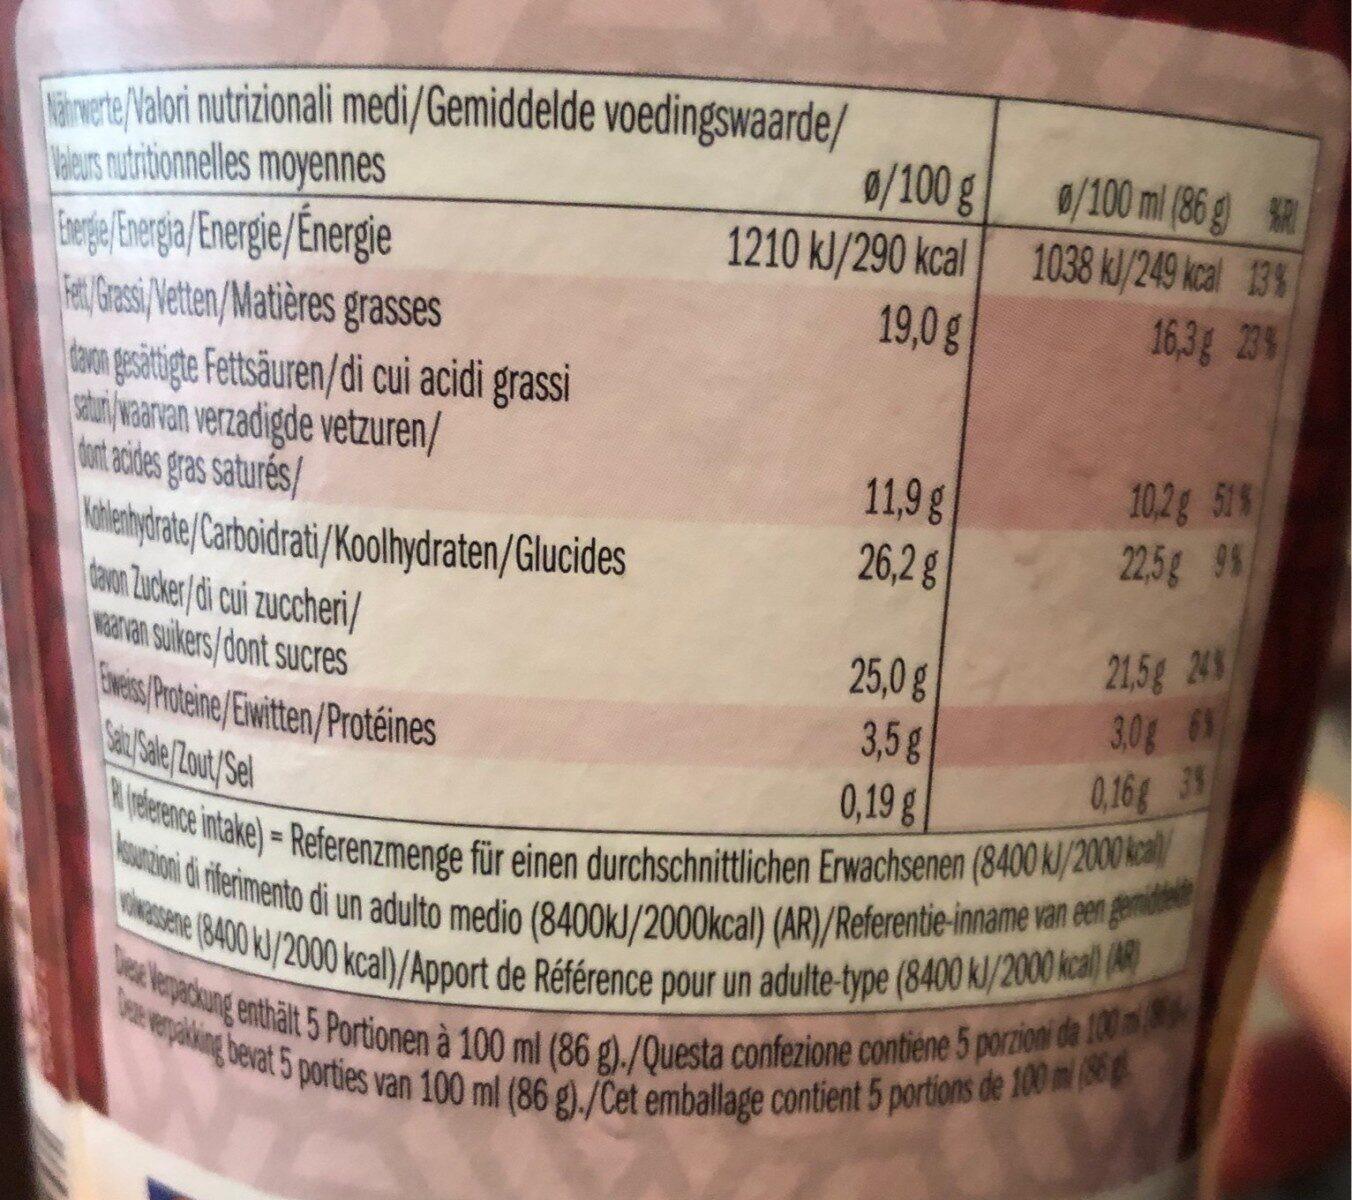 Pot de glace Vanille & Macadamia - Nährwertangaben - de